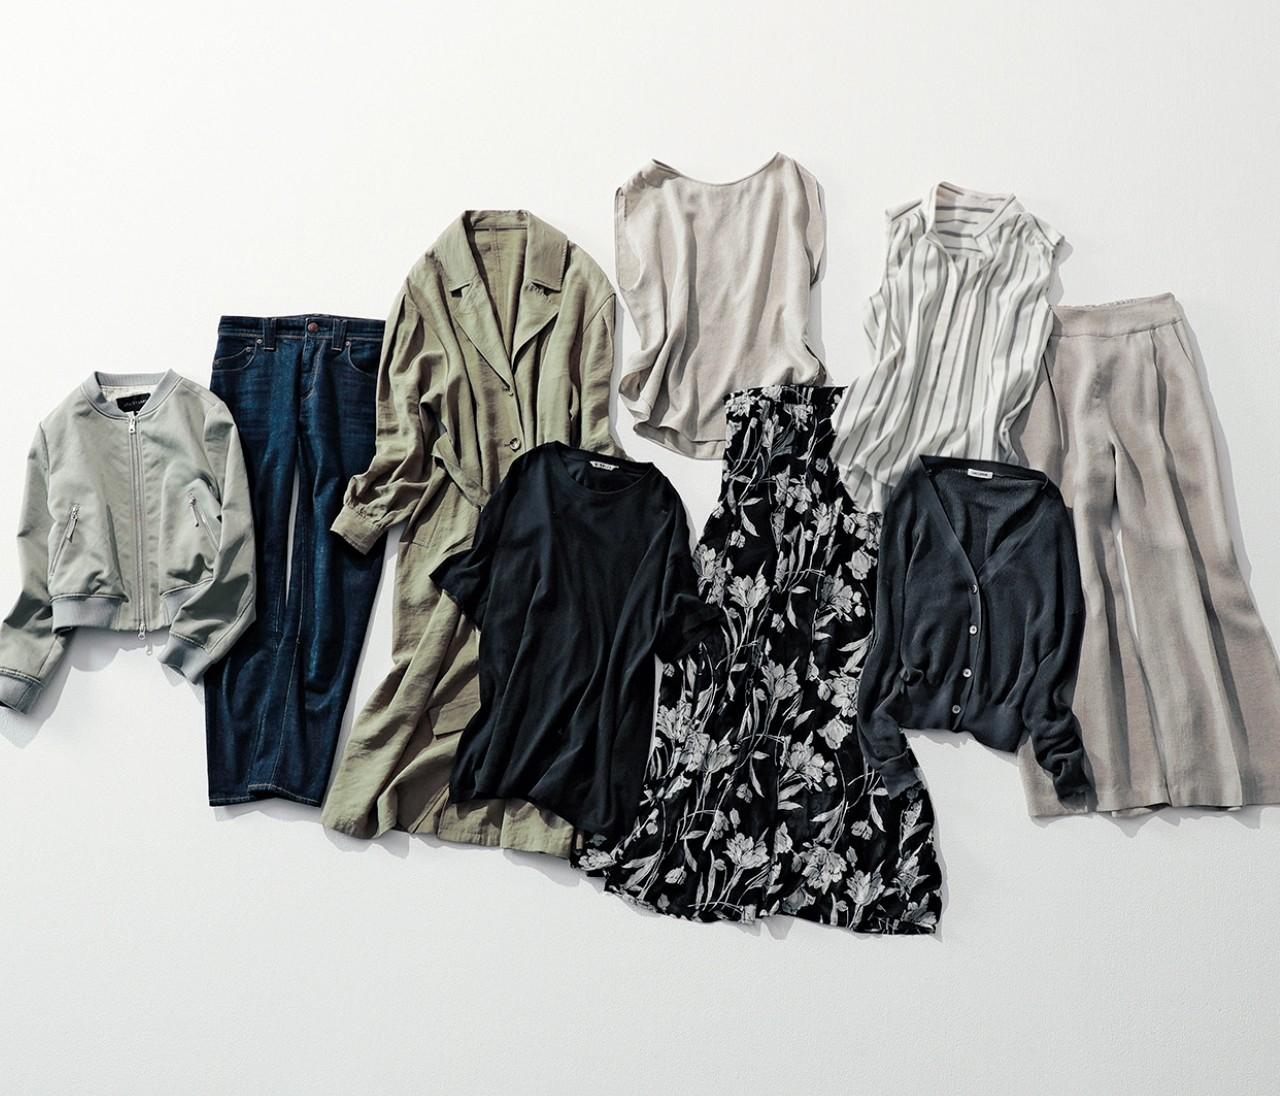 【捨哲学】ワードローブを整理して服のテイスト幅を広げるコツ